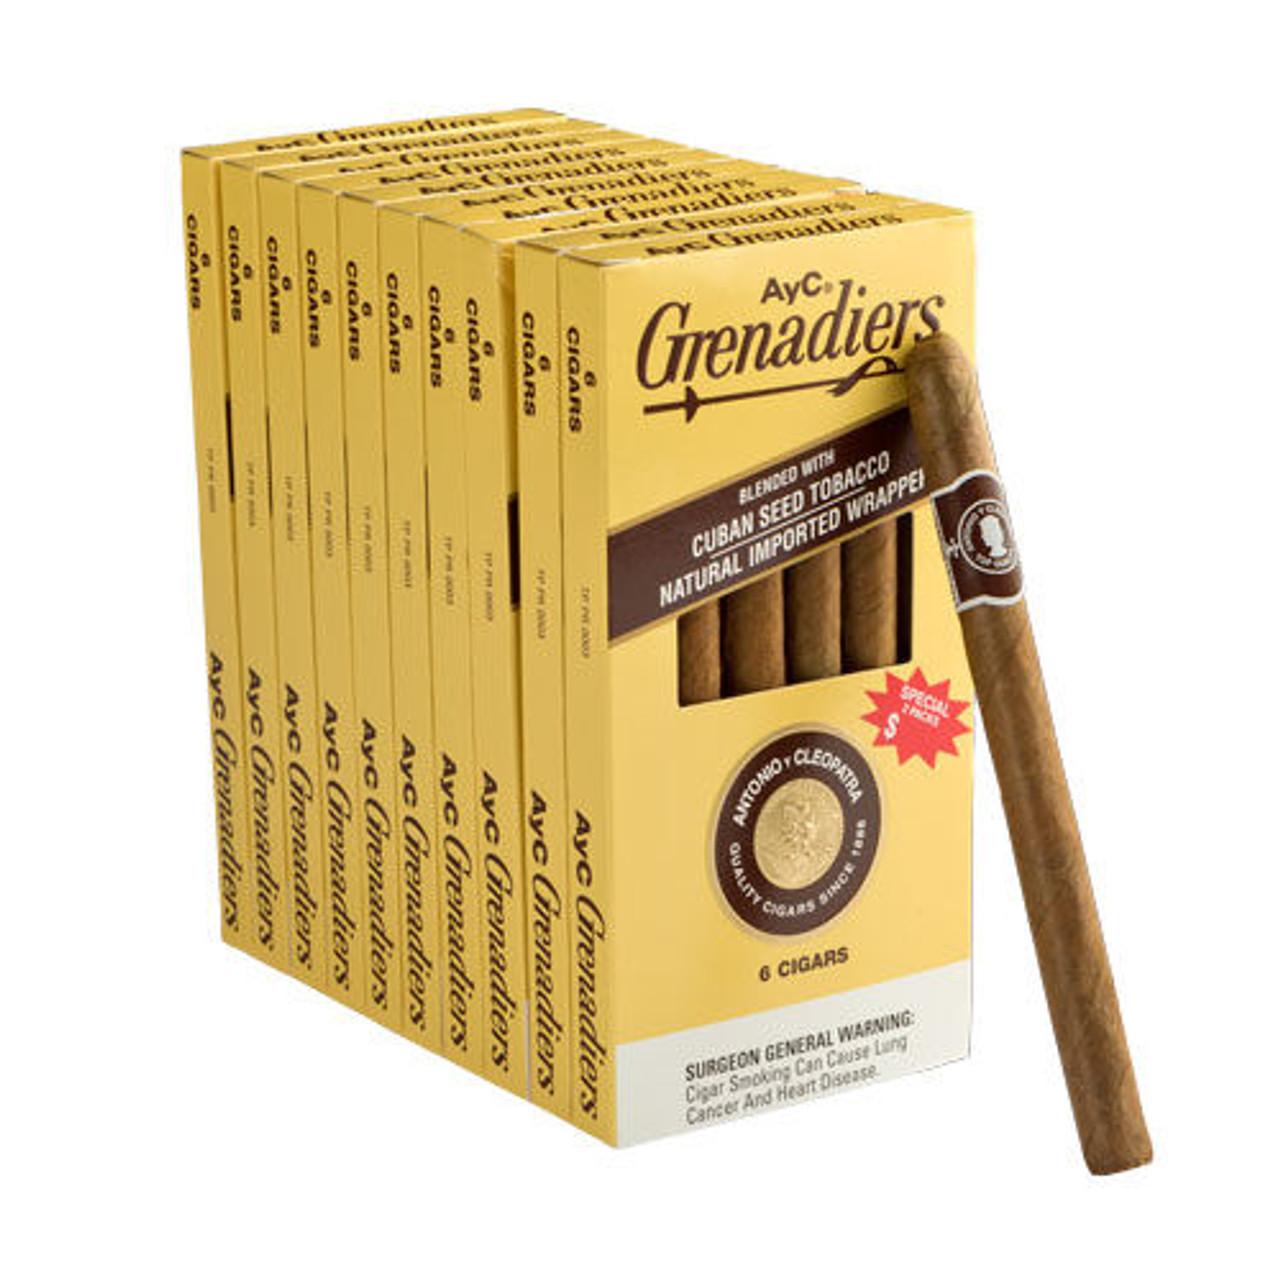 Antonio y Cleopatra Grenadiers Cigars - 6.25 x 33 (10 Packs of 6 (60 total))